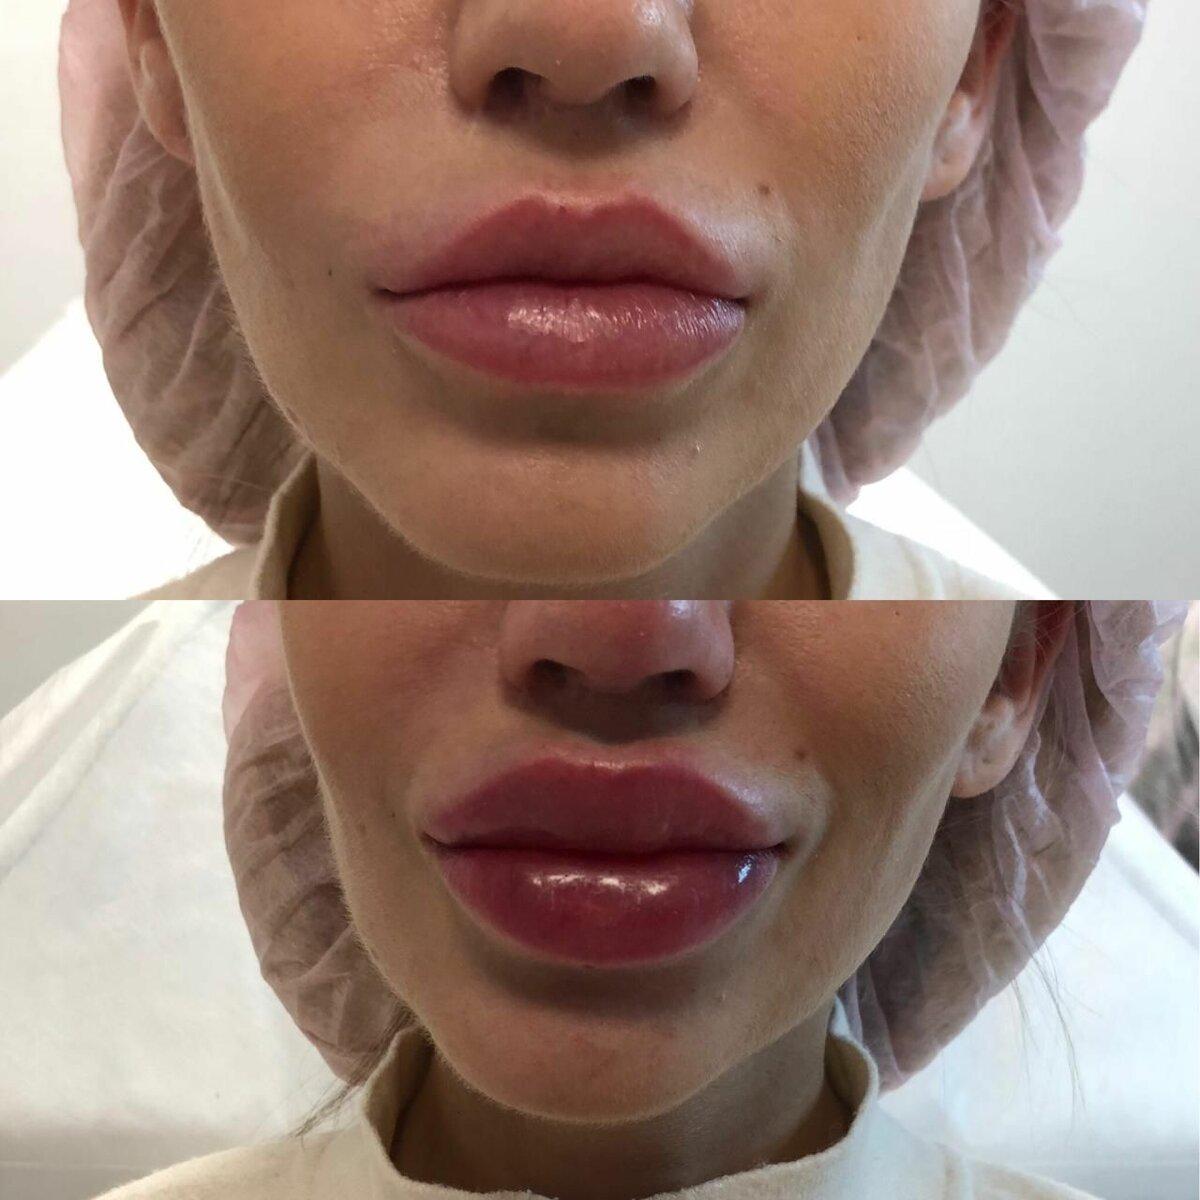 Противопоказания и показания к инъекционному увеличению губ гиалуроновой кислотой. подготовка губ и уход после процедуры увеличения гиалуроновой кислотой. как проходит процедура увеличения губ. фото до и после увеличения губ | inwomen